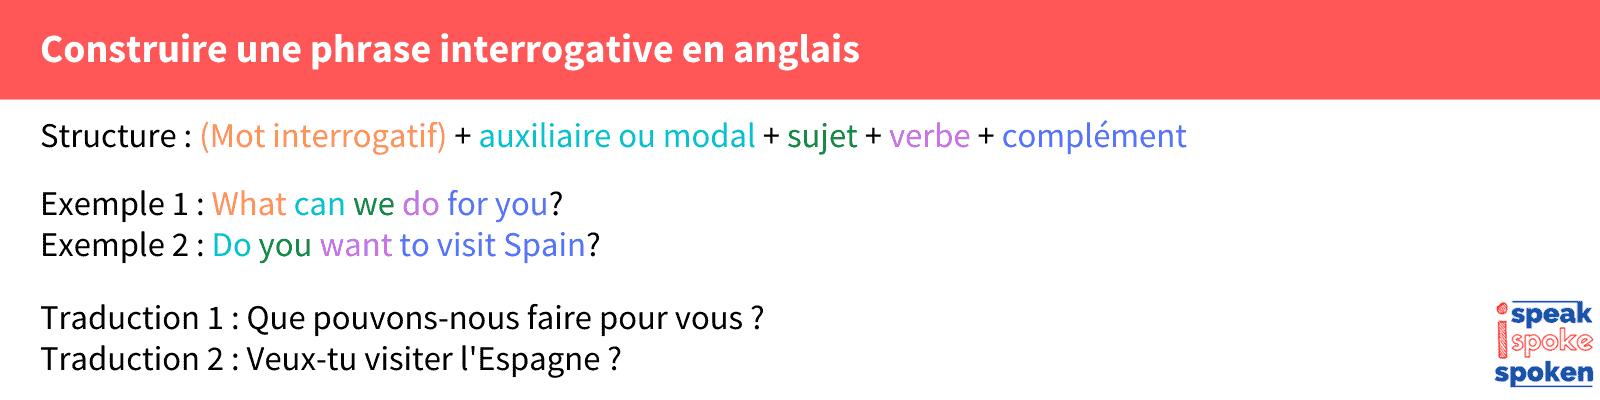 syntaxe phrase interrogative anglais